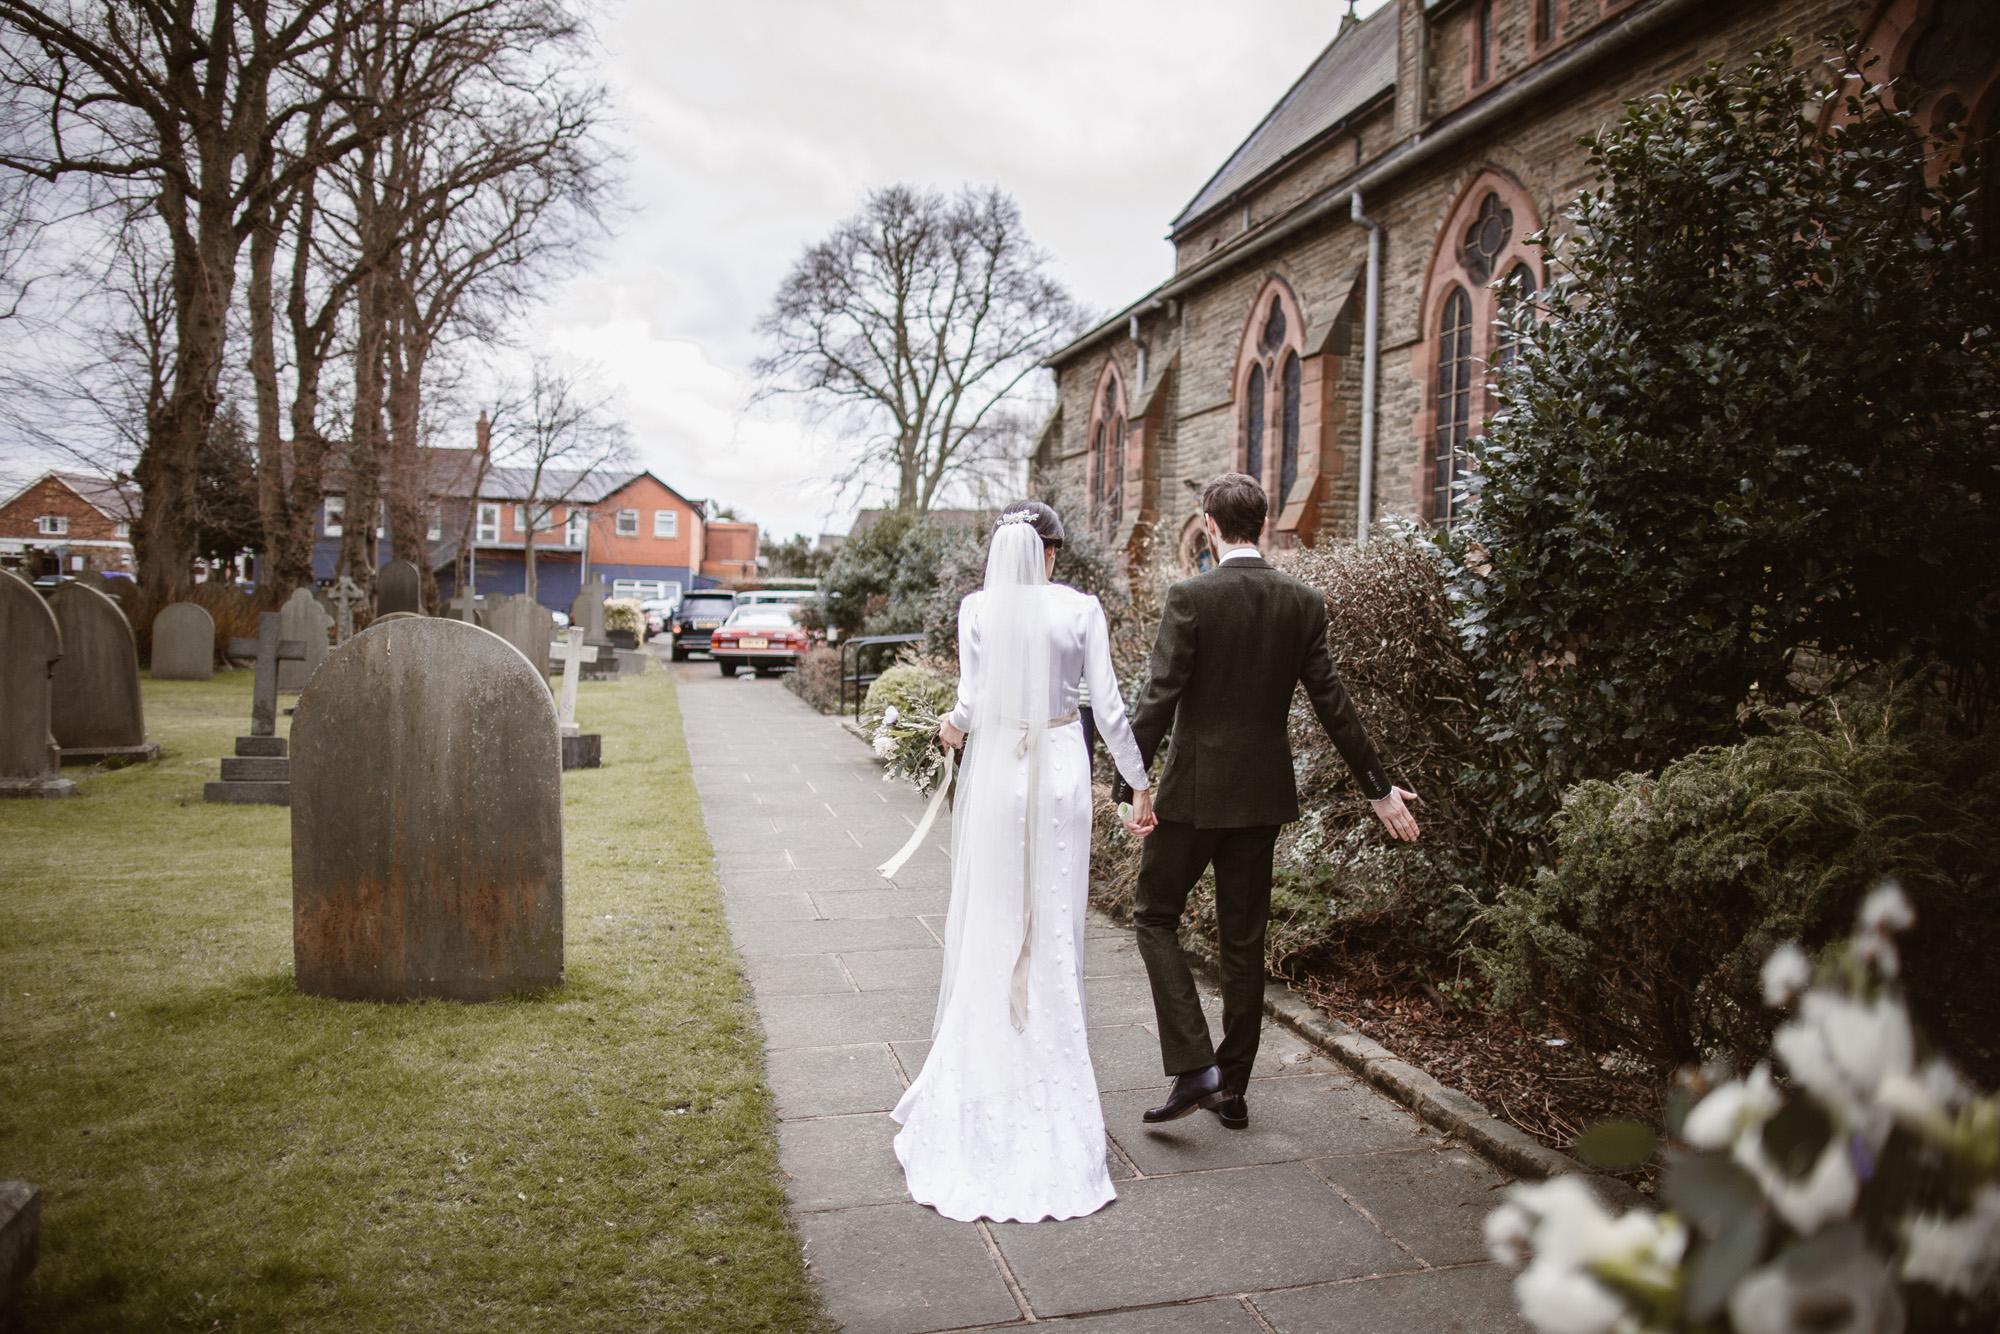 Kate-Elegant-Original-Vintage-1930s-Wedding-Gown-Kate-Beaumont-Sheffield-14.jpg